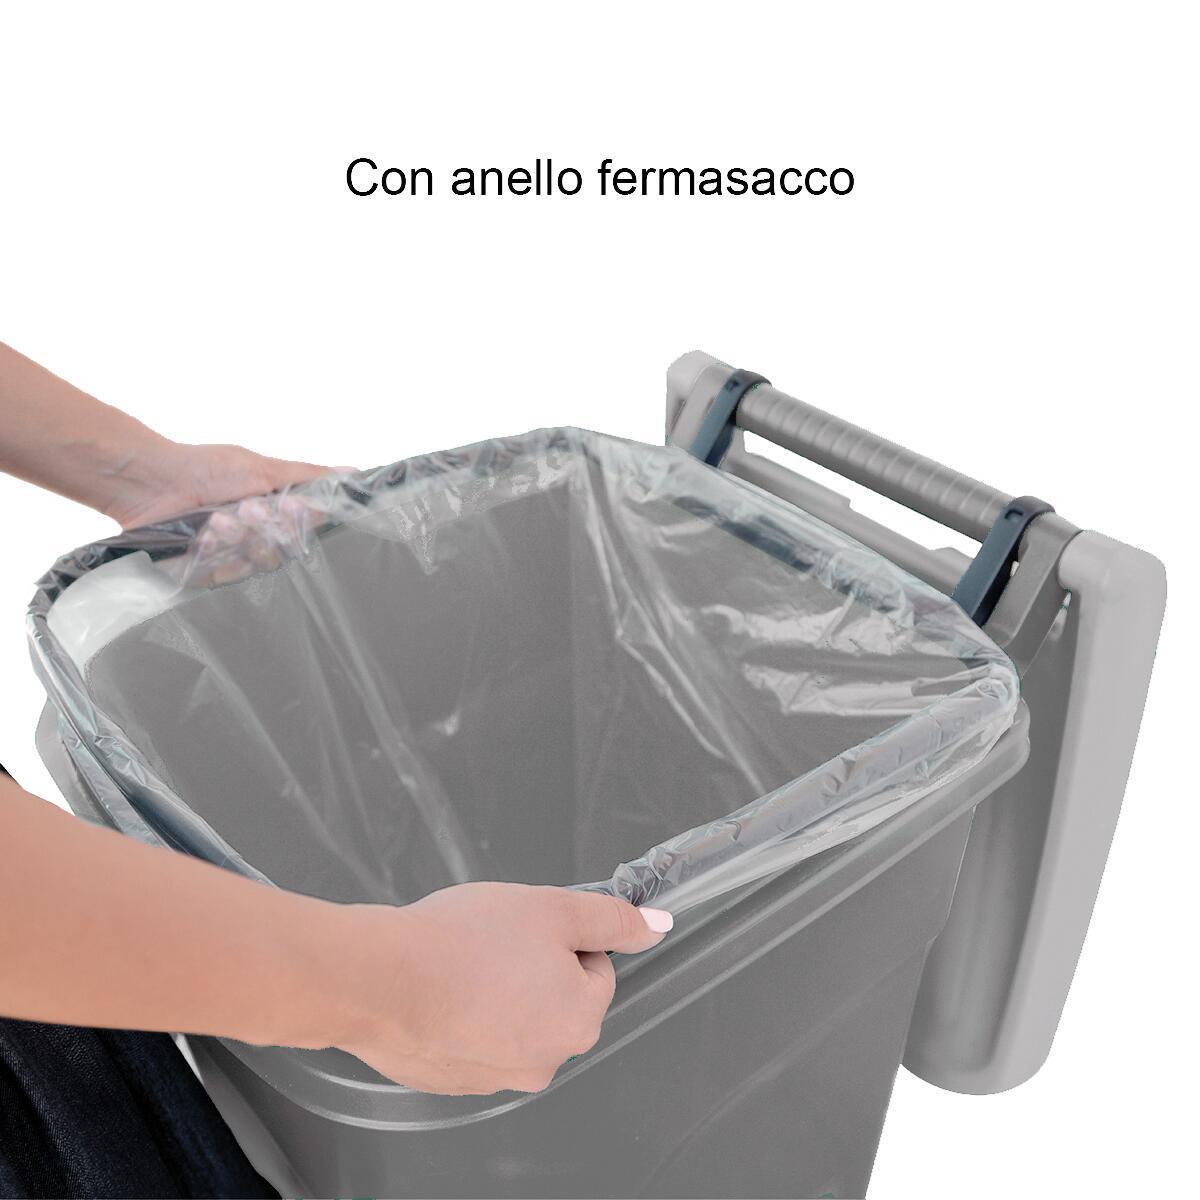 Bidone in plastica STEFANPLAST carrellato Urban Eco System 80 L, 2 ruote - 4